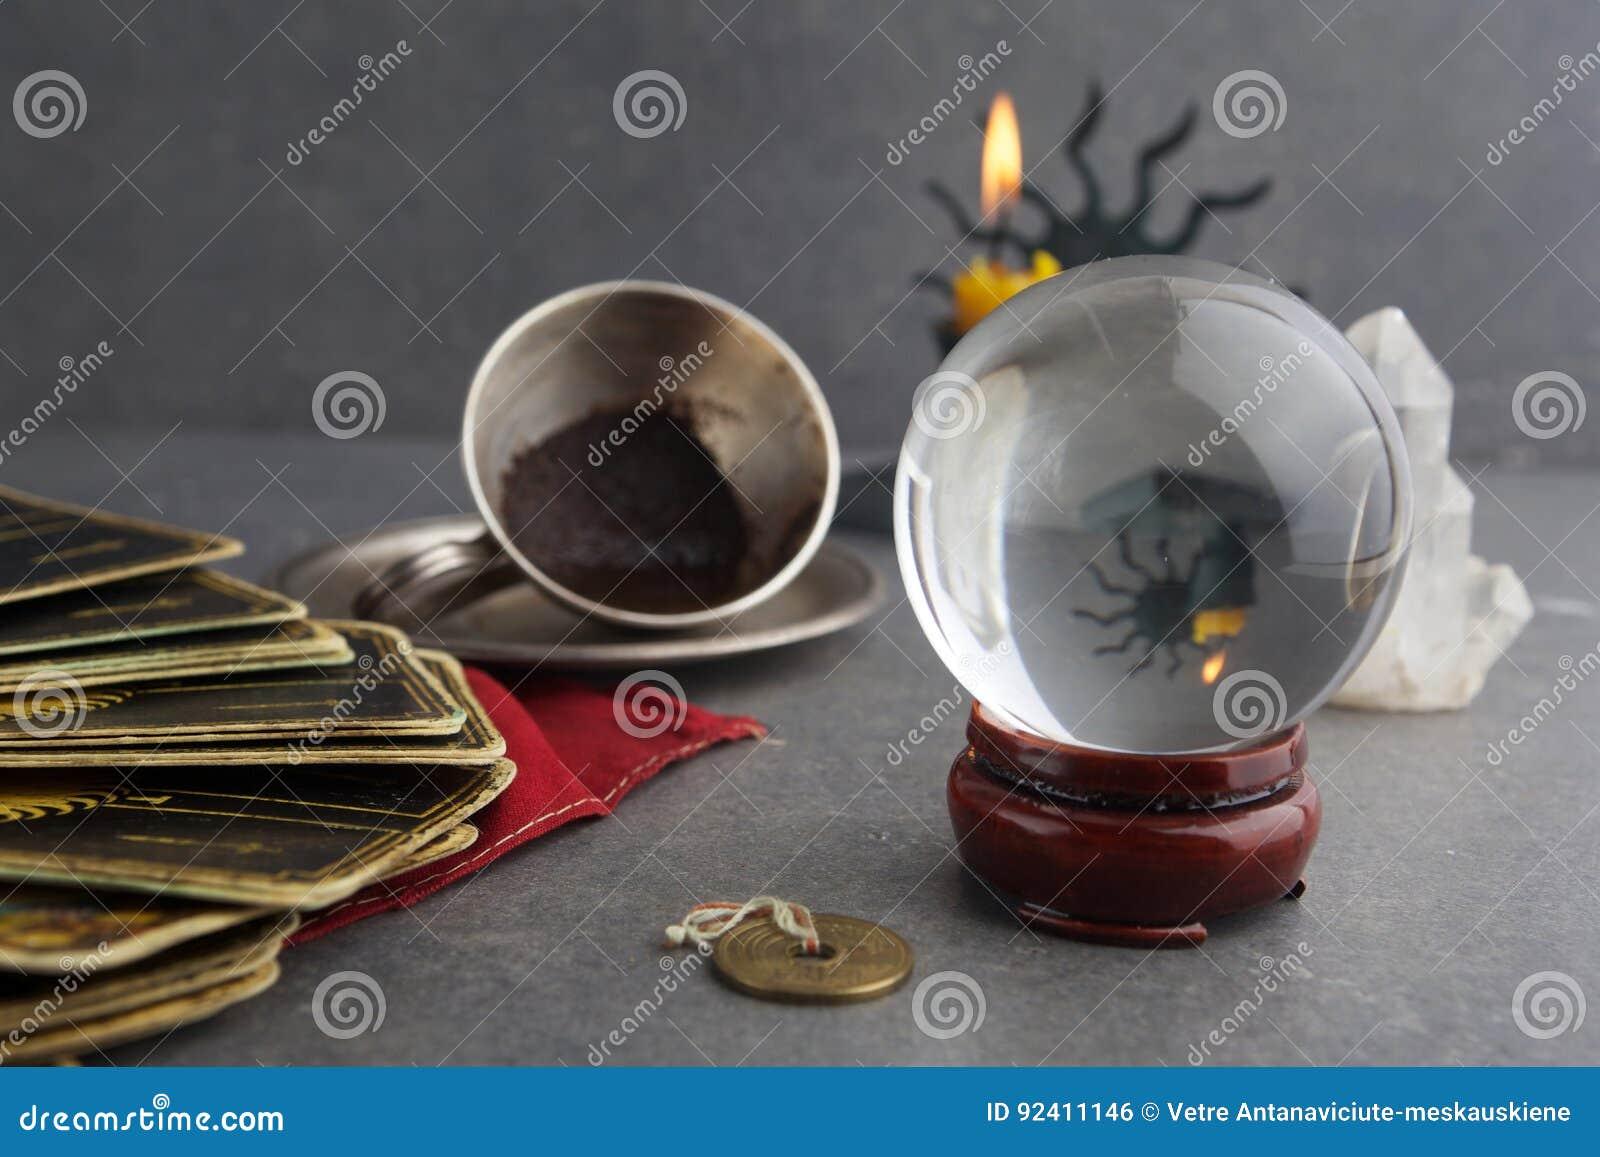 Composición de objetos esotéricos, usada para curar y la adivinación